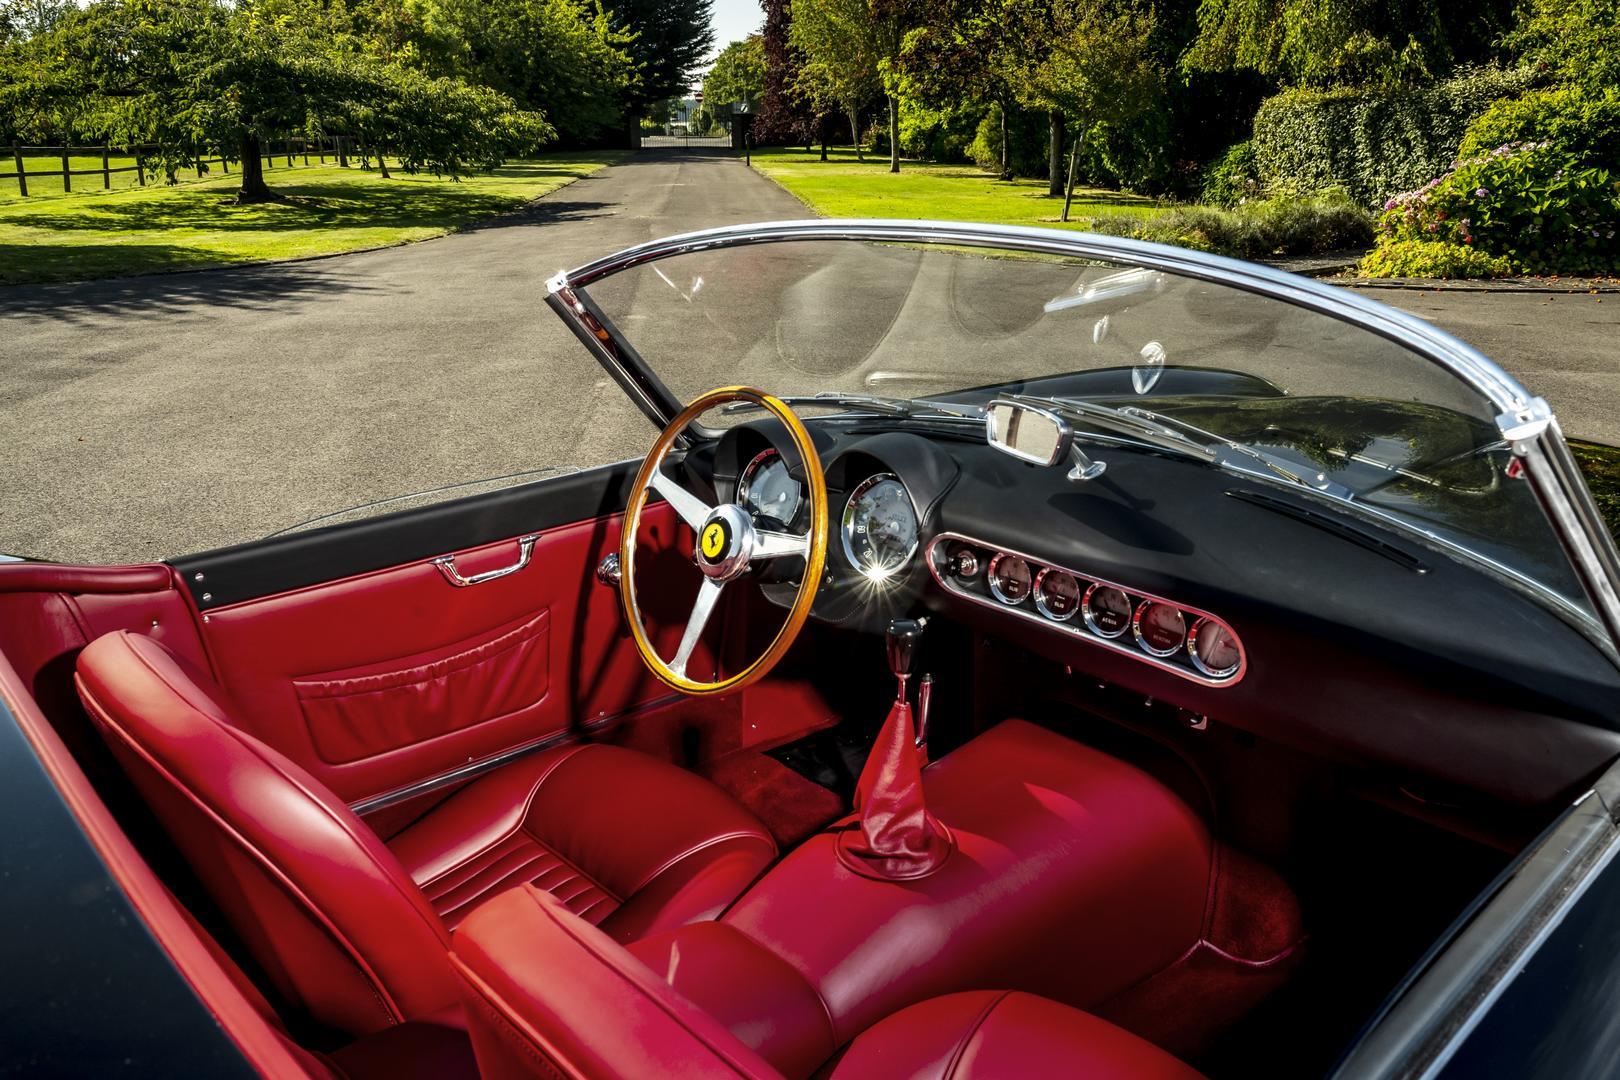 Интерьер может быть отделан различными видами кожи высокого качества и дополнительным меньшим деревянным рулевым колесом в винтажном стиле с оригинальным звуковым сигналом.